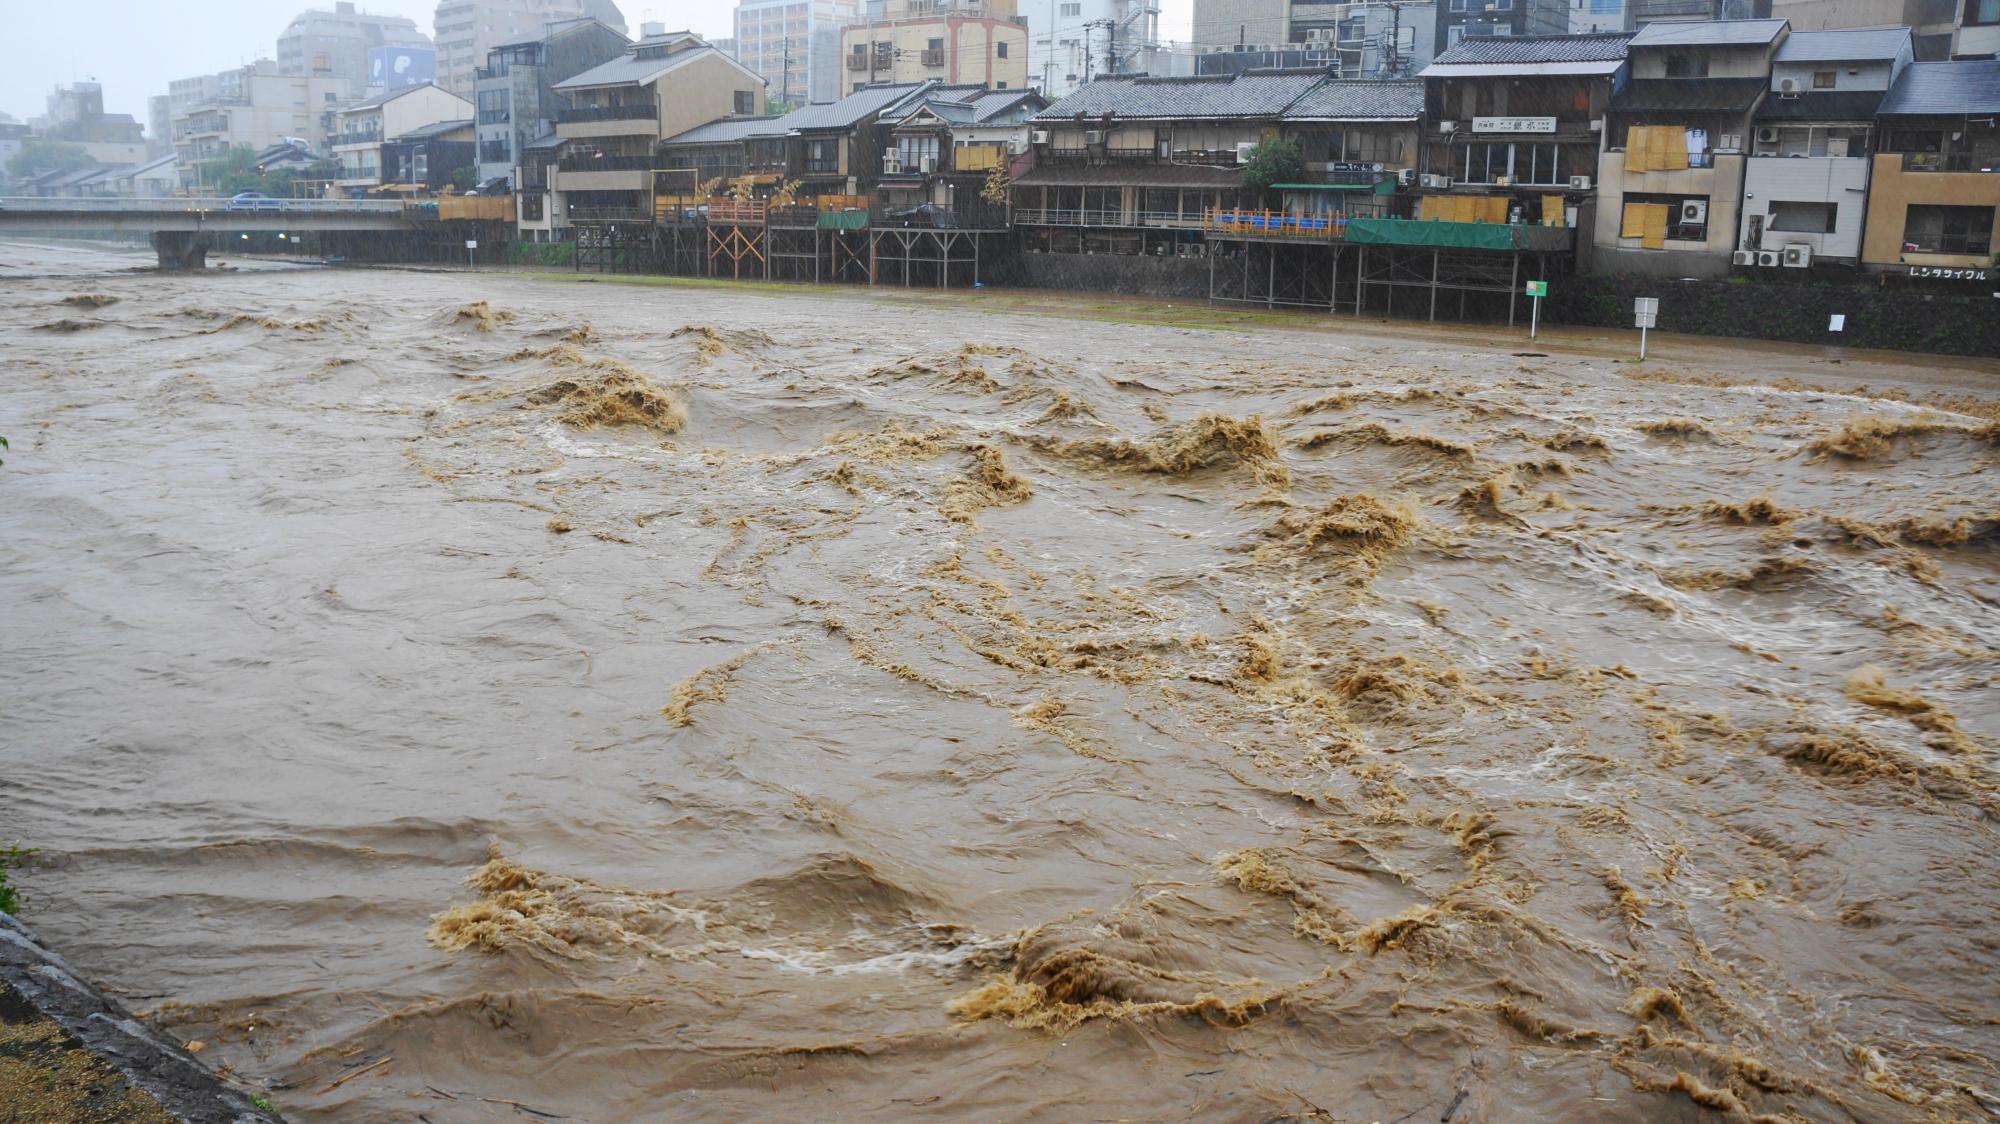 茶色の水がうねって波打つ鴨川